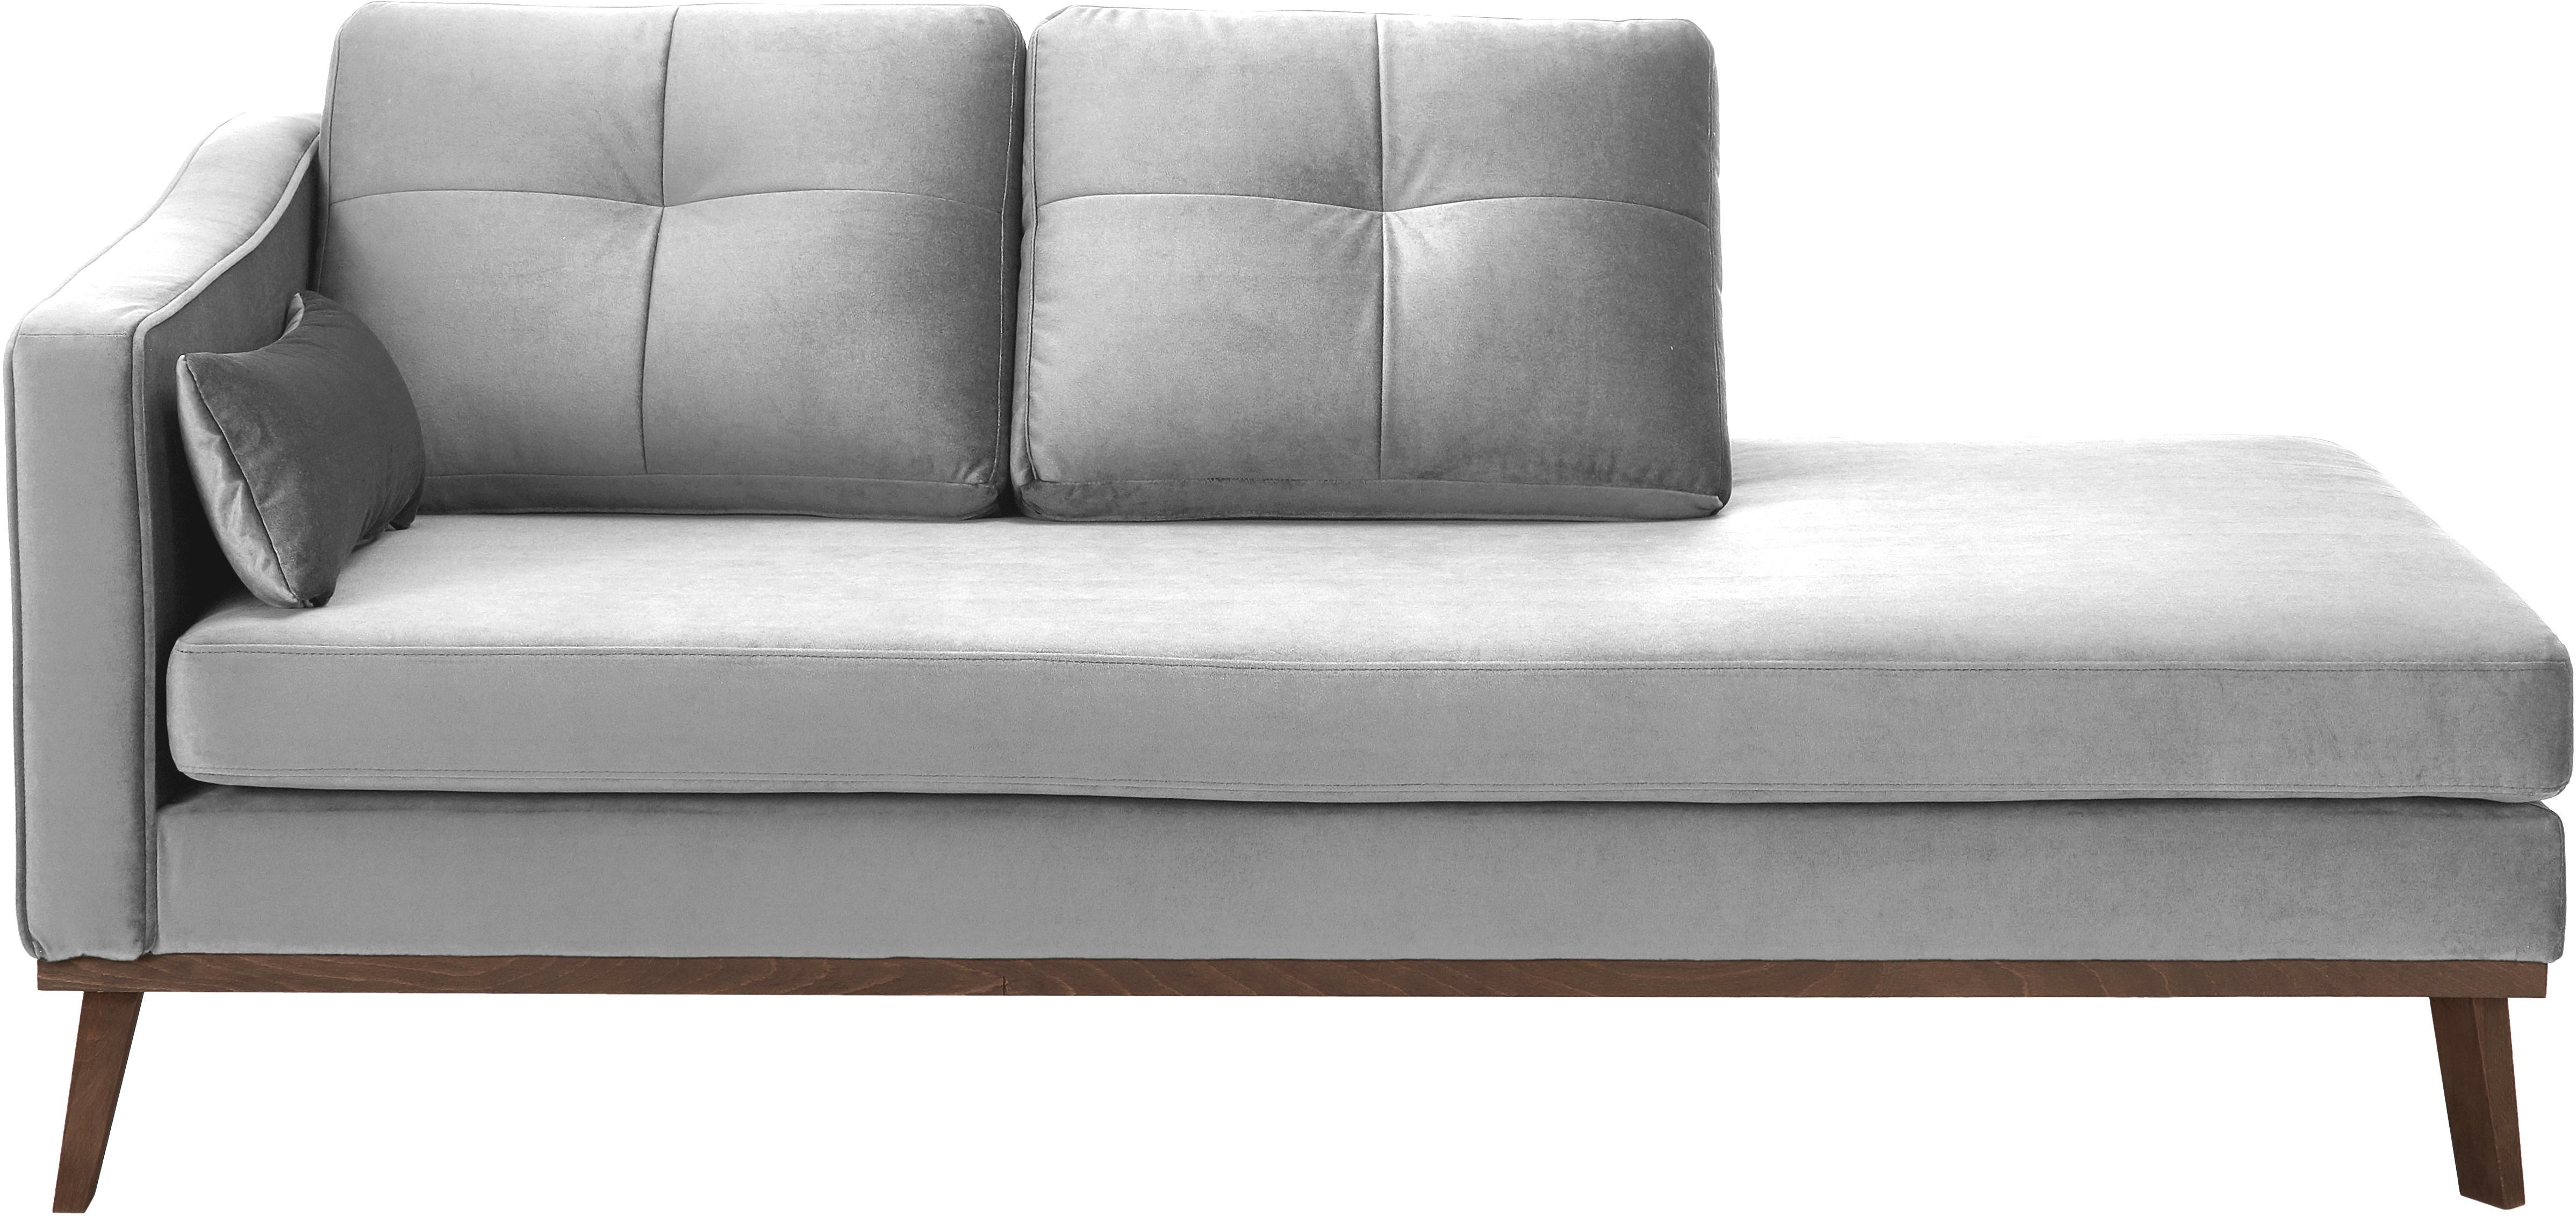 Fluwelen chaise longue Alva, Bekleding: fluweel (hoogwaardig poly, Frame: massief grenenhout, Poten: massief gebeitst beukenho, Grijs, B 193 x D 94 cm